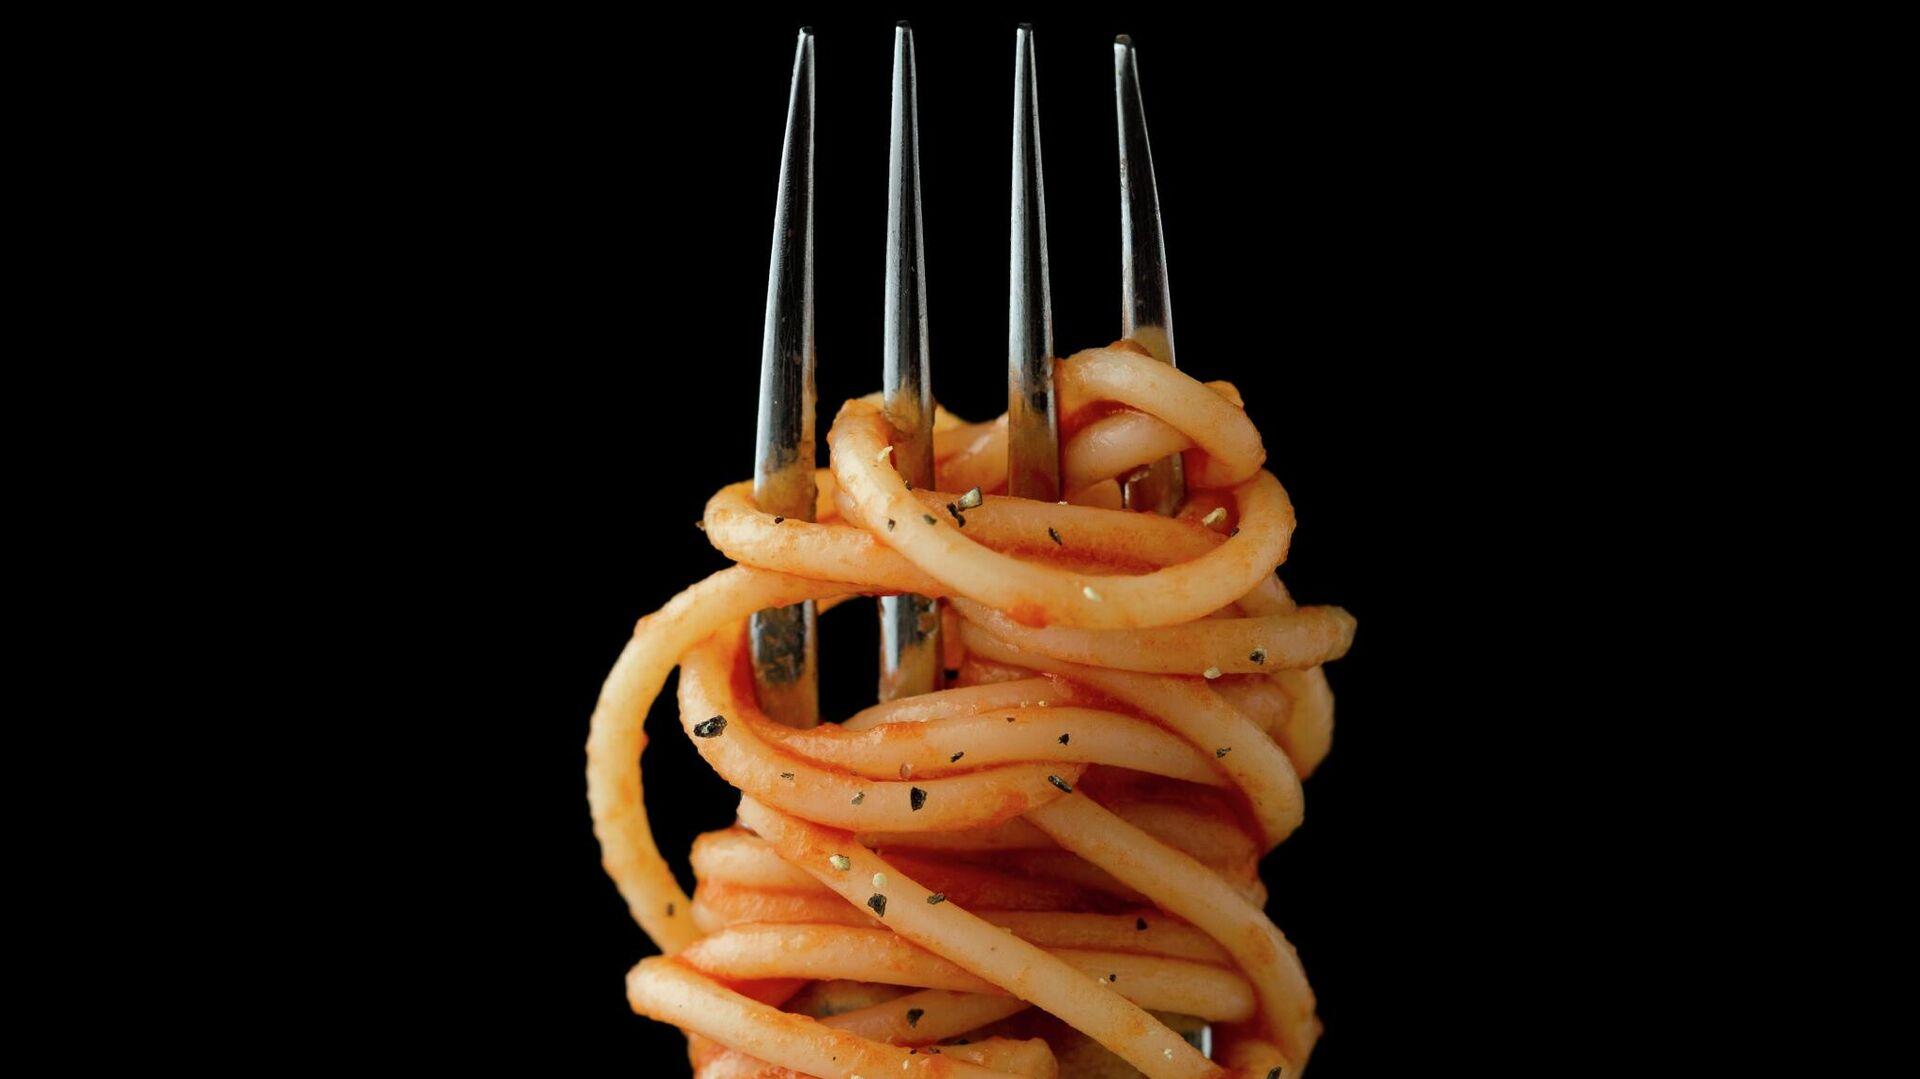 Вилка со спагетти - Sputnik Узбекистан, 1920, 21.07.2021